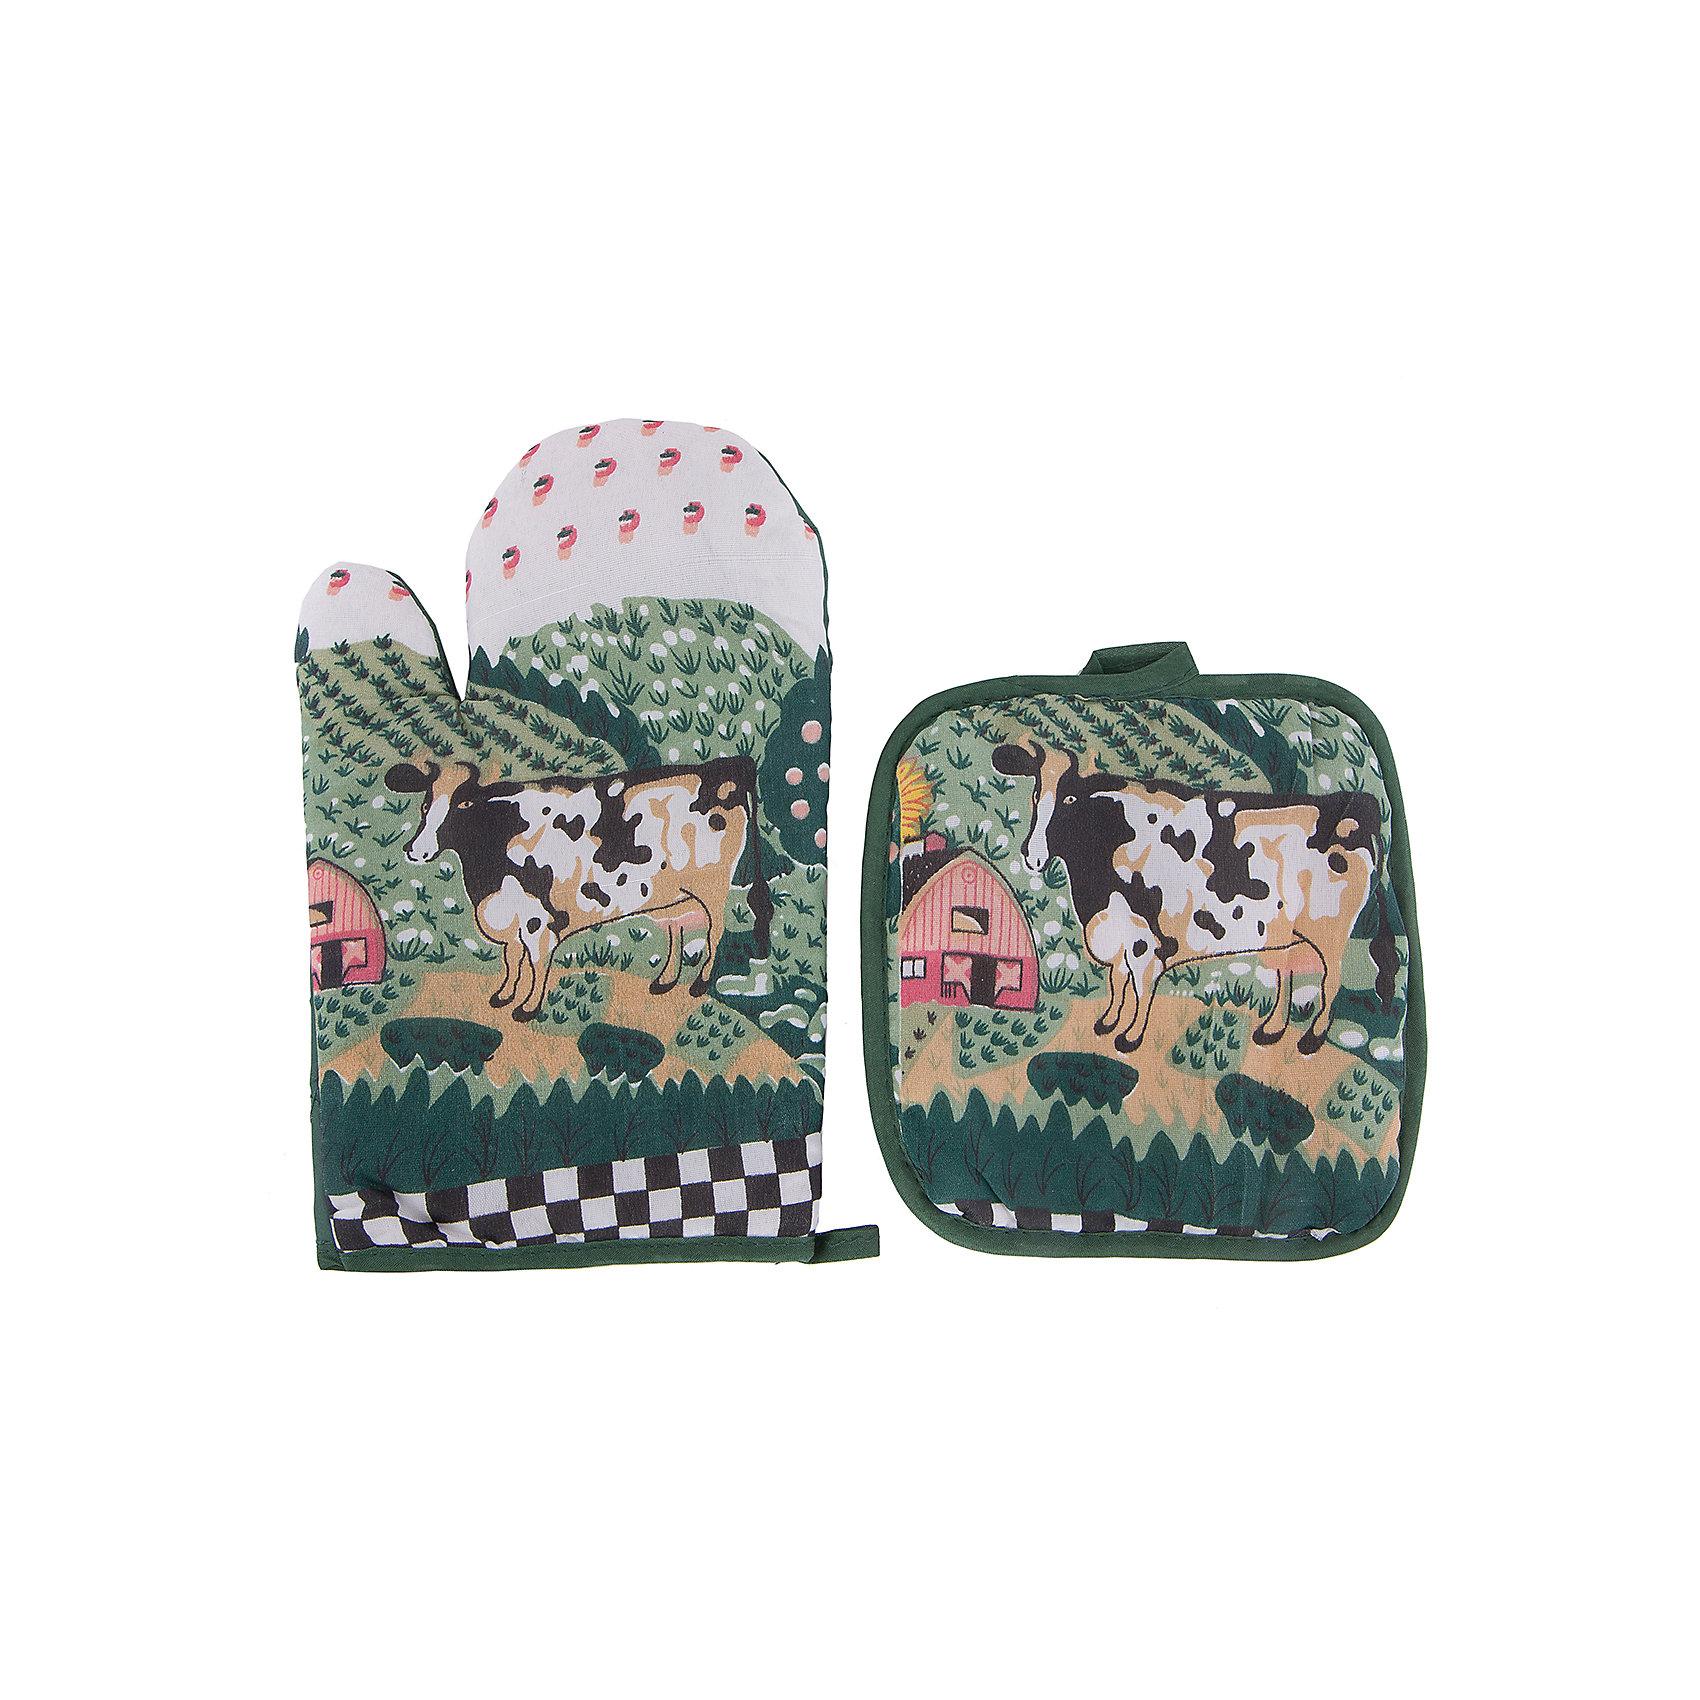 Набор кухонный арт.31881: рукавица+прихватка, Magic HomeПосуда<br>Сувенирный набор для кухни включает в себя 2 предмета: рукавицу и прихватку. Изделия декорированы рисунками: буренка, пасущаяся на лугу. Рукавичка и прихватка имеют петельки для подвешивания на крючки, защищают нежные руки хозяйки от соприкосновения с горячими поверхностями кастрюль, сковородок и форм для выпечки. <br><br>Дополнительная информация:<br><br>Размер: 16х25 см<br><br>Материал: 65% полиэстер, 35% хлопок<br><br>Набор кухонный арт.31881: рукавица+прихватка, Magic Home можно купить в нашем интернет-магазине.<br><br>Ширина мм: 140<br>Глубина мм: 50<br>Высота мм: 100<br>Вес г: 69<br>Возраст от месяцев: 216<br>Возраст до месяцев: 1200<br>Пол: Унисекс<br>Возраст: Детский<br>SKU: 5030477